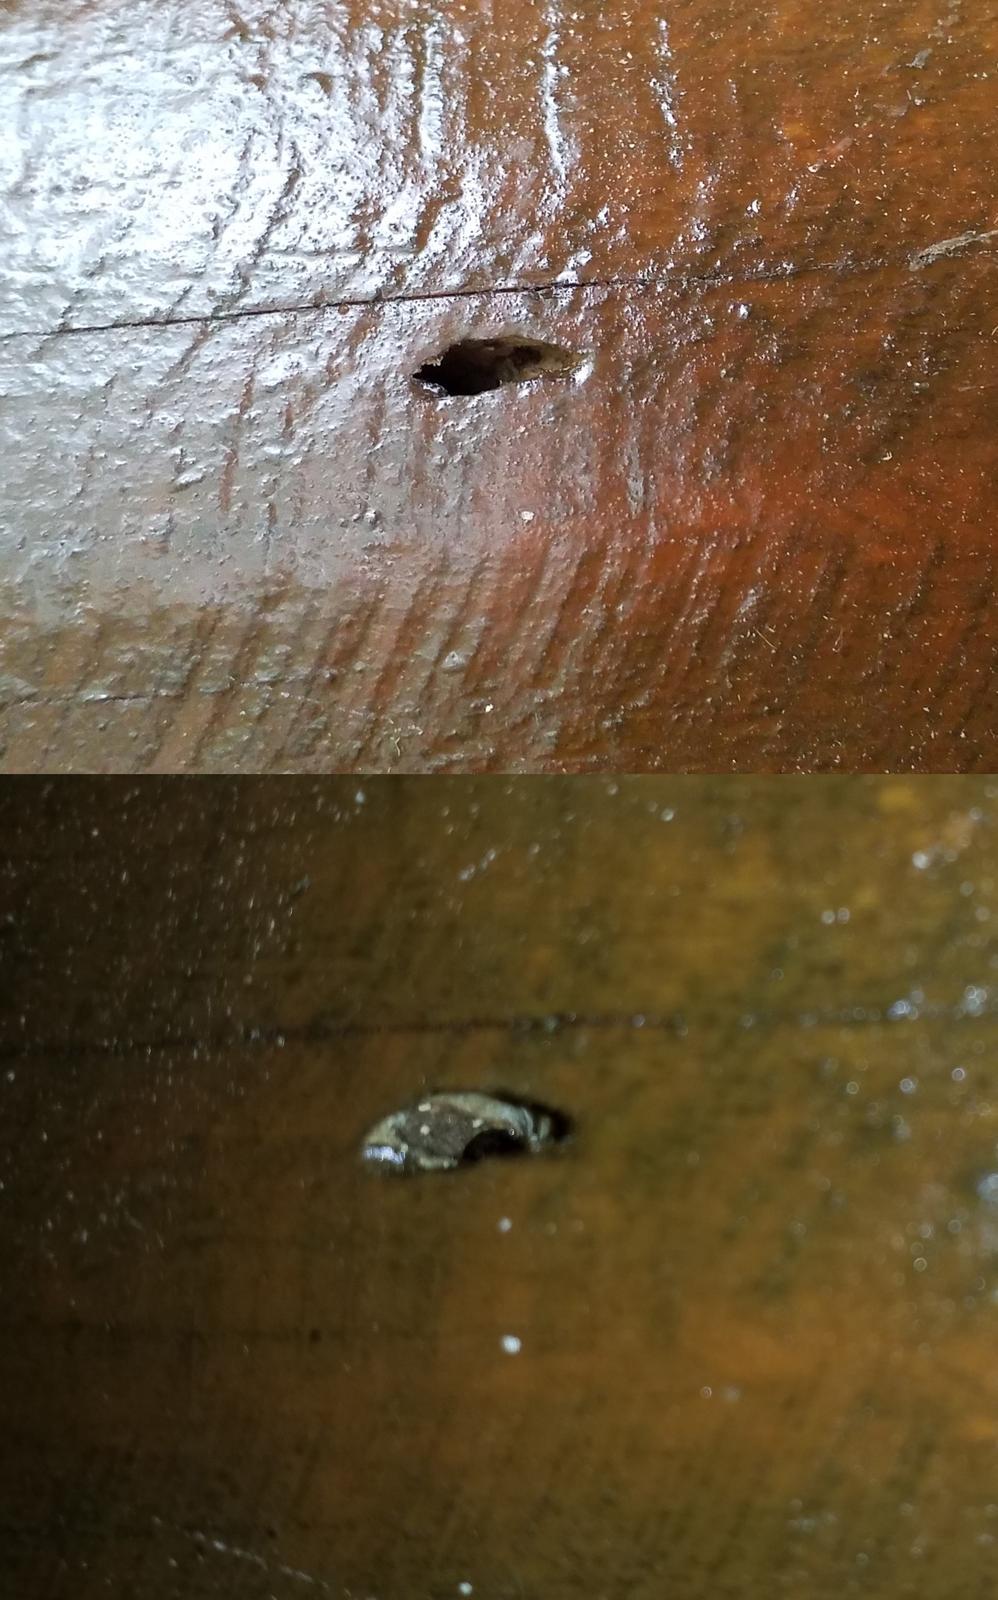 @obludak Jako okřídlený mravenec... - Obrázek č. 2